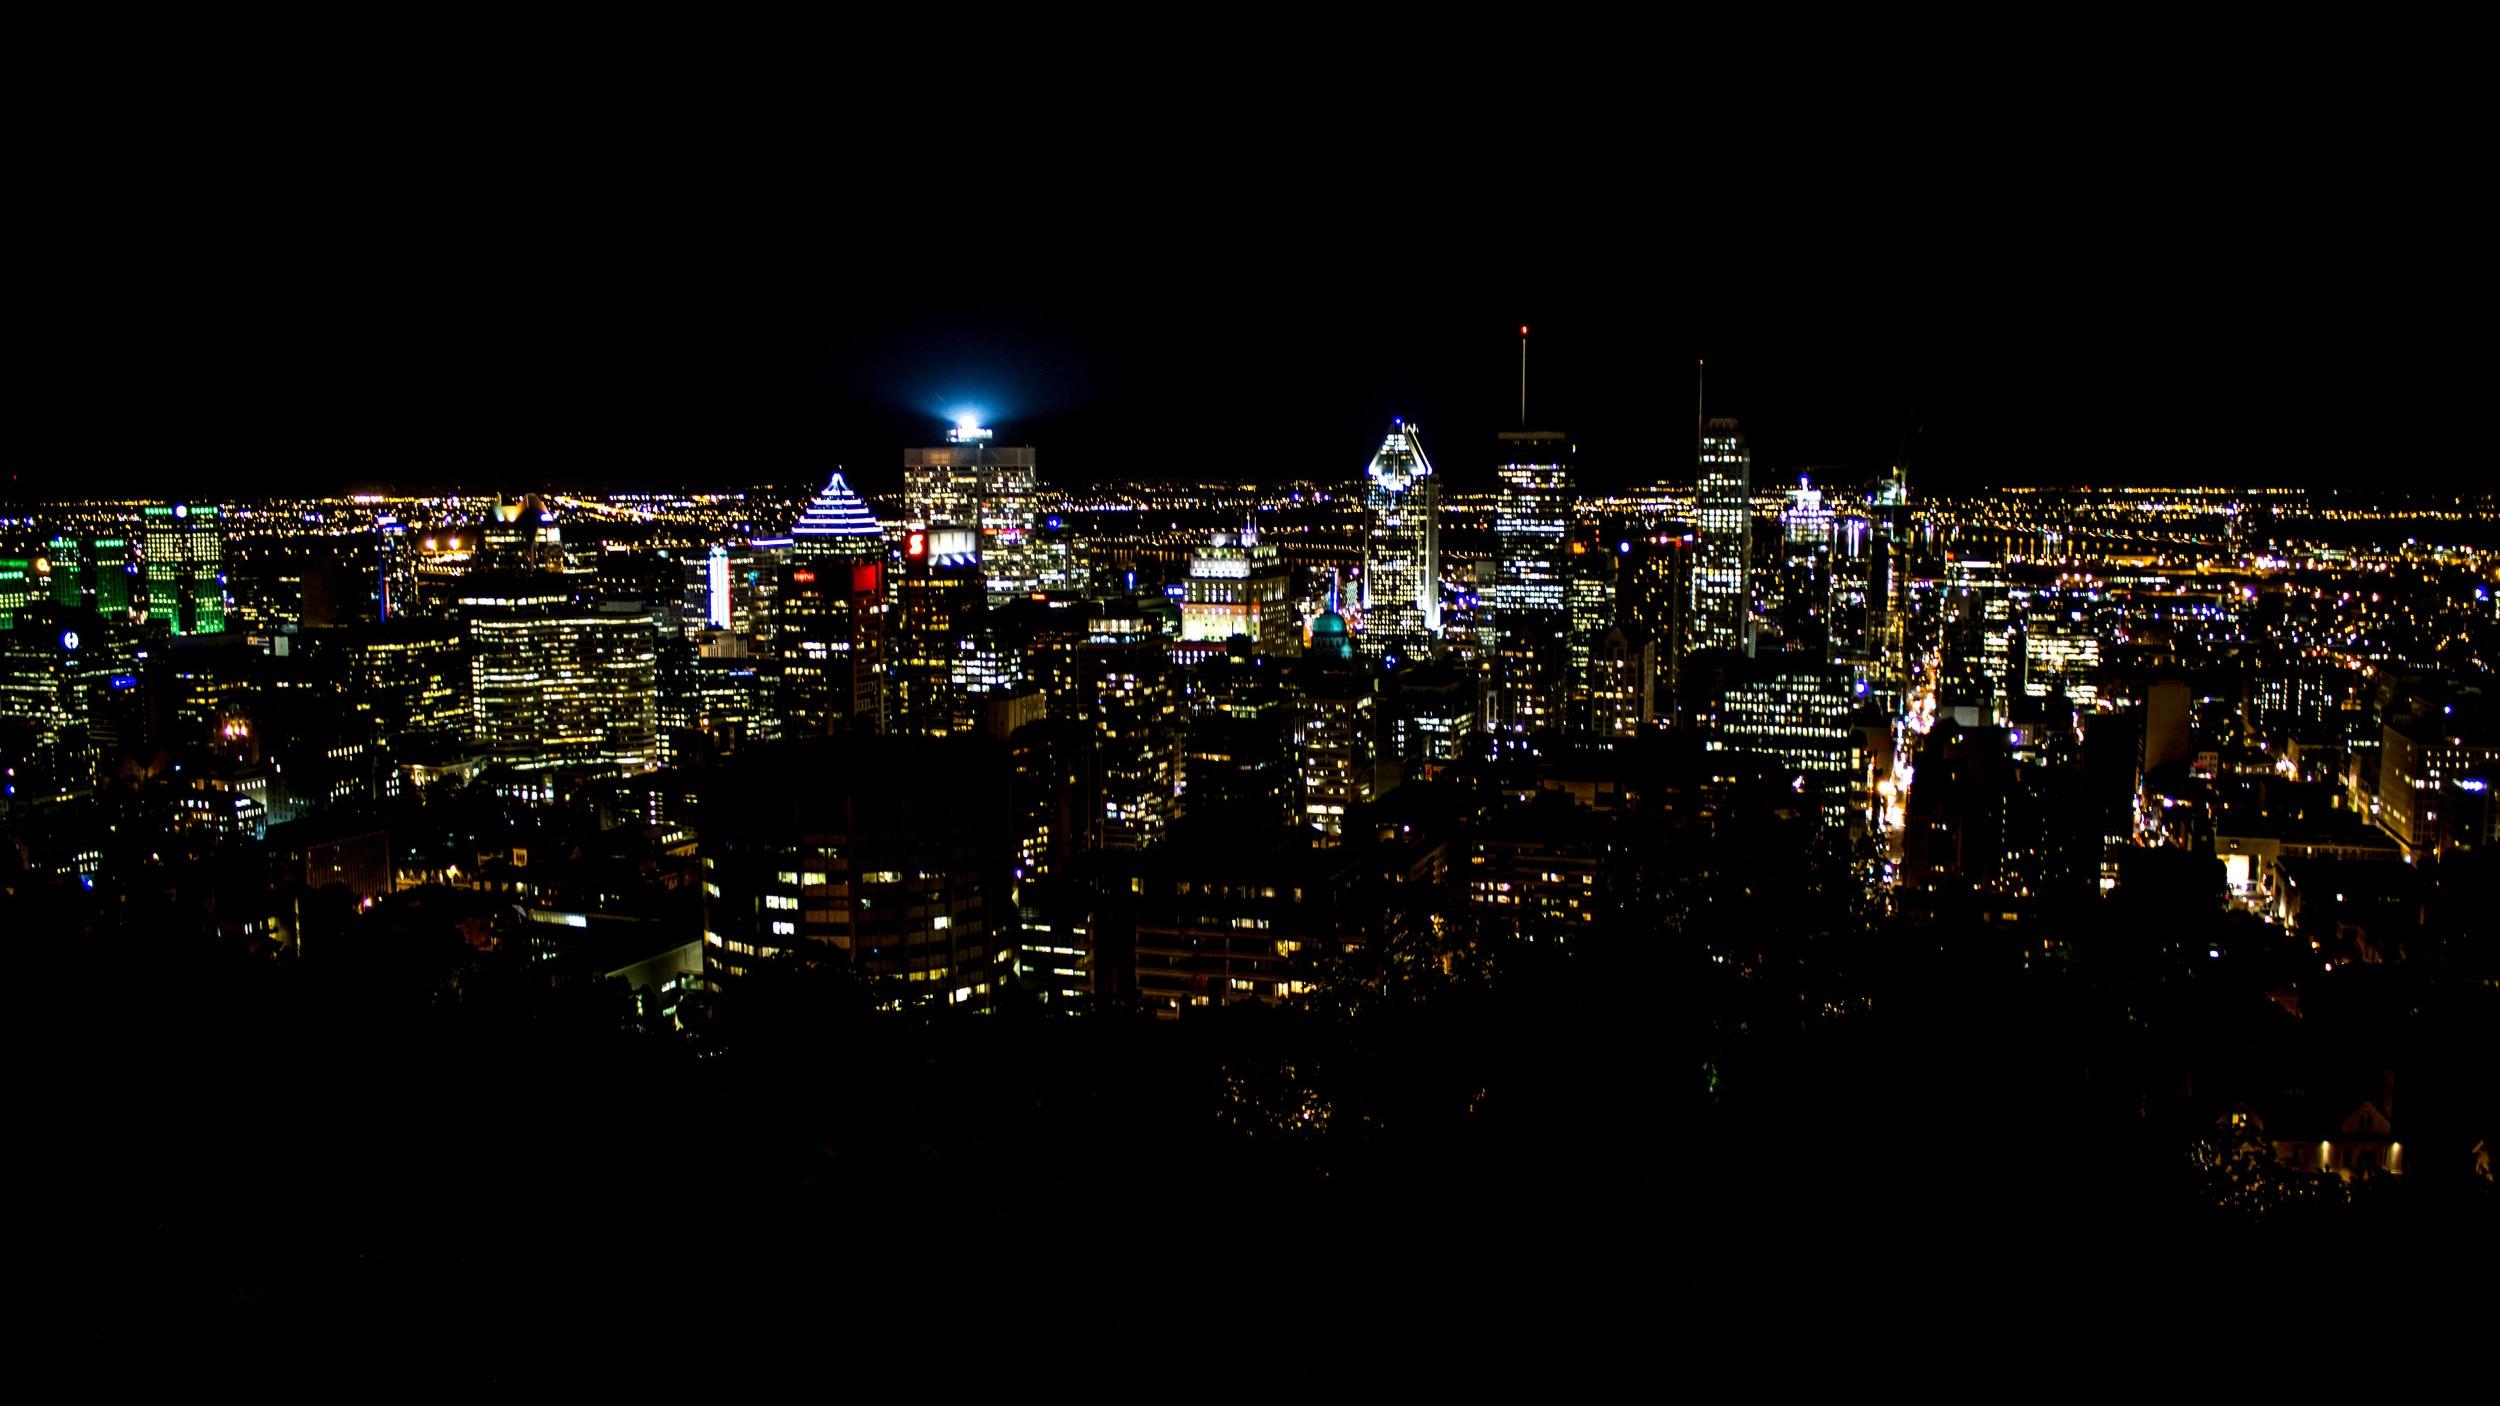 Montreal by night - Vill du uppleva allt Montreal har att erbjuda i kvällstid? Då är den här utflykten något för dig. Här får du se sevärdheter som Mont-Royal, Old Town och Festival Distrikt - för att nämna några.